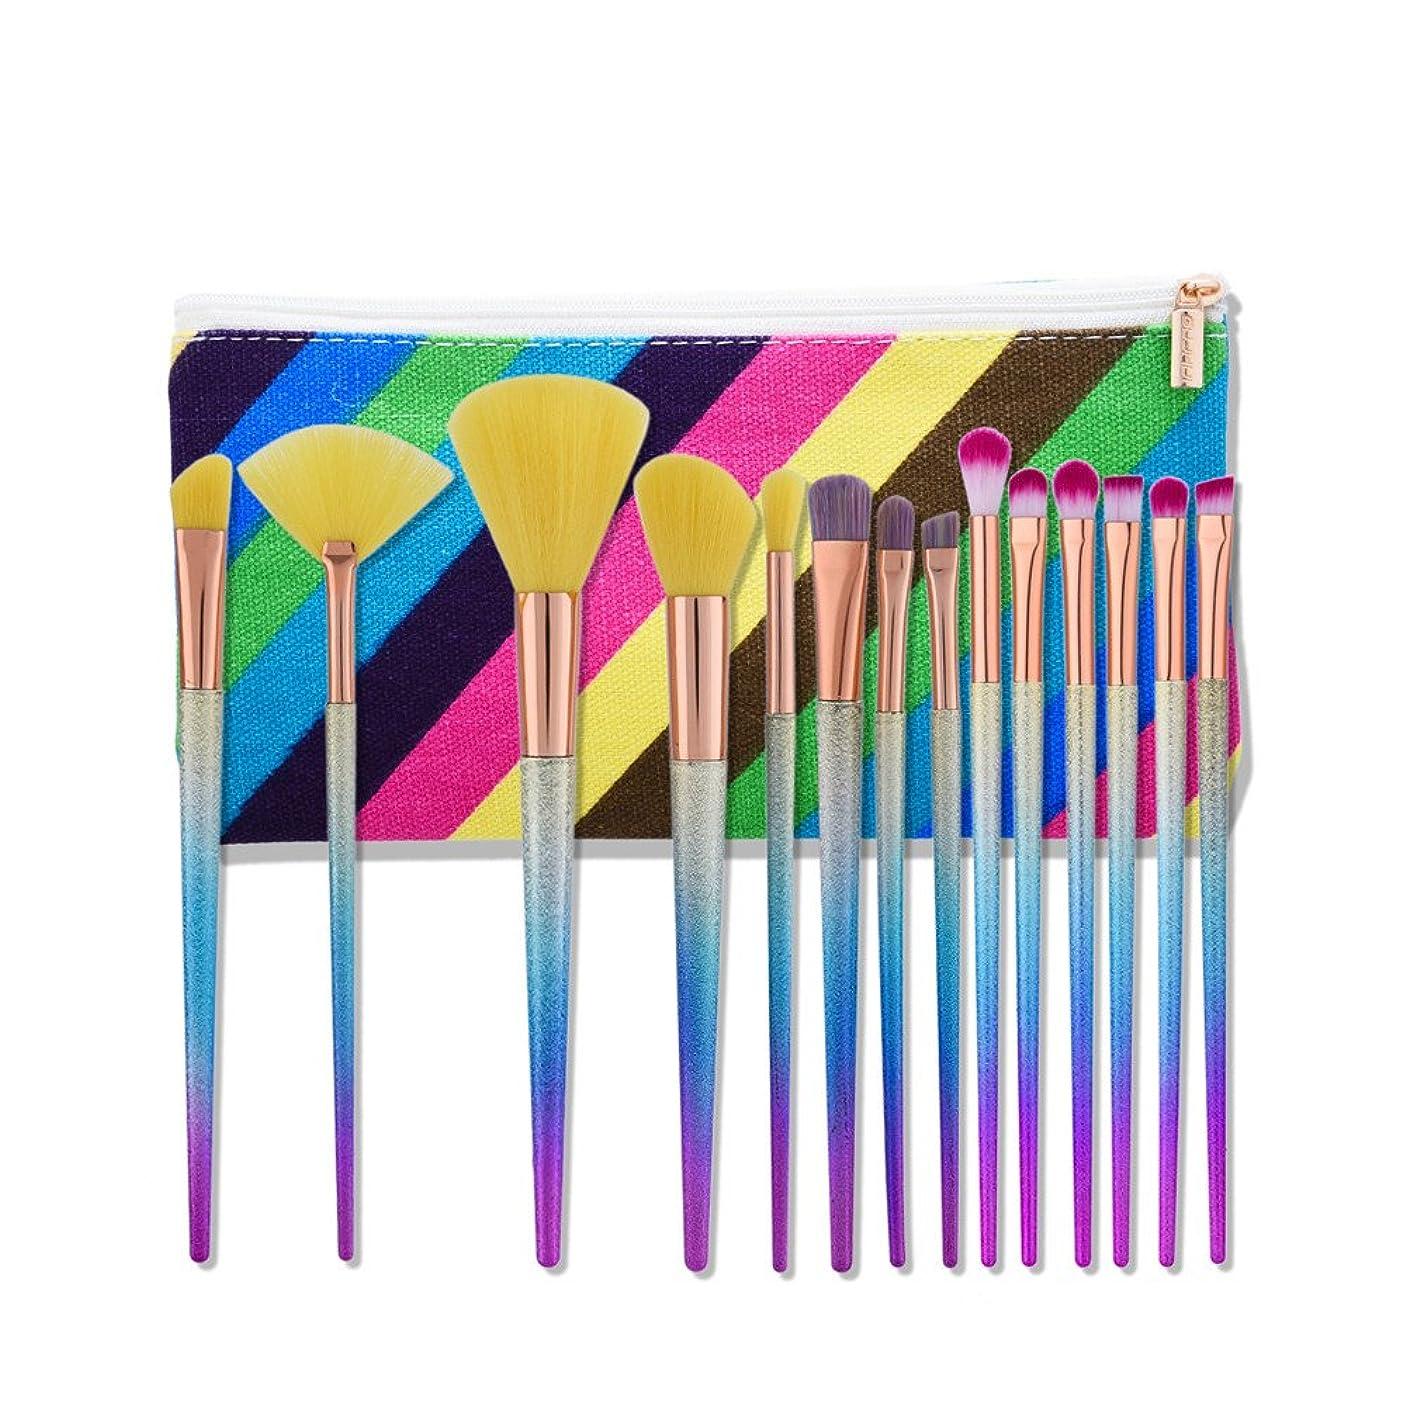 怖がらせる速度グローバルAkane 14本 GUIJHUI 超人気 ファッション 虹色 化粧ポーチ付き 可愛い 多機能 高級 柔らかい 美感 おしゃれ 上等 たっぷり 綺麗 激安 日常 仕事 Makeup Brush メイクアップブラシ 05-0102-B01